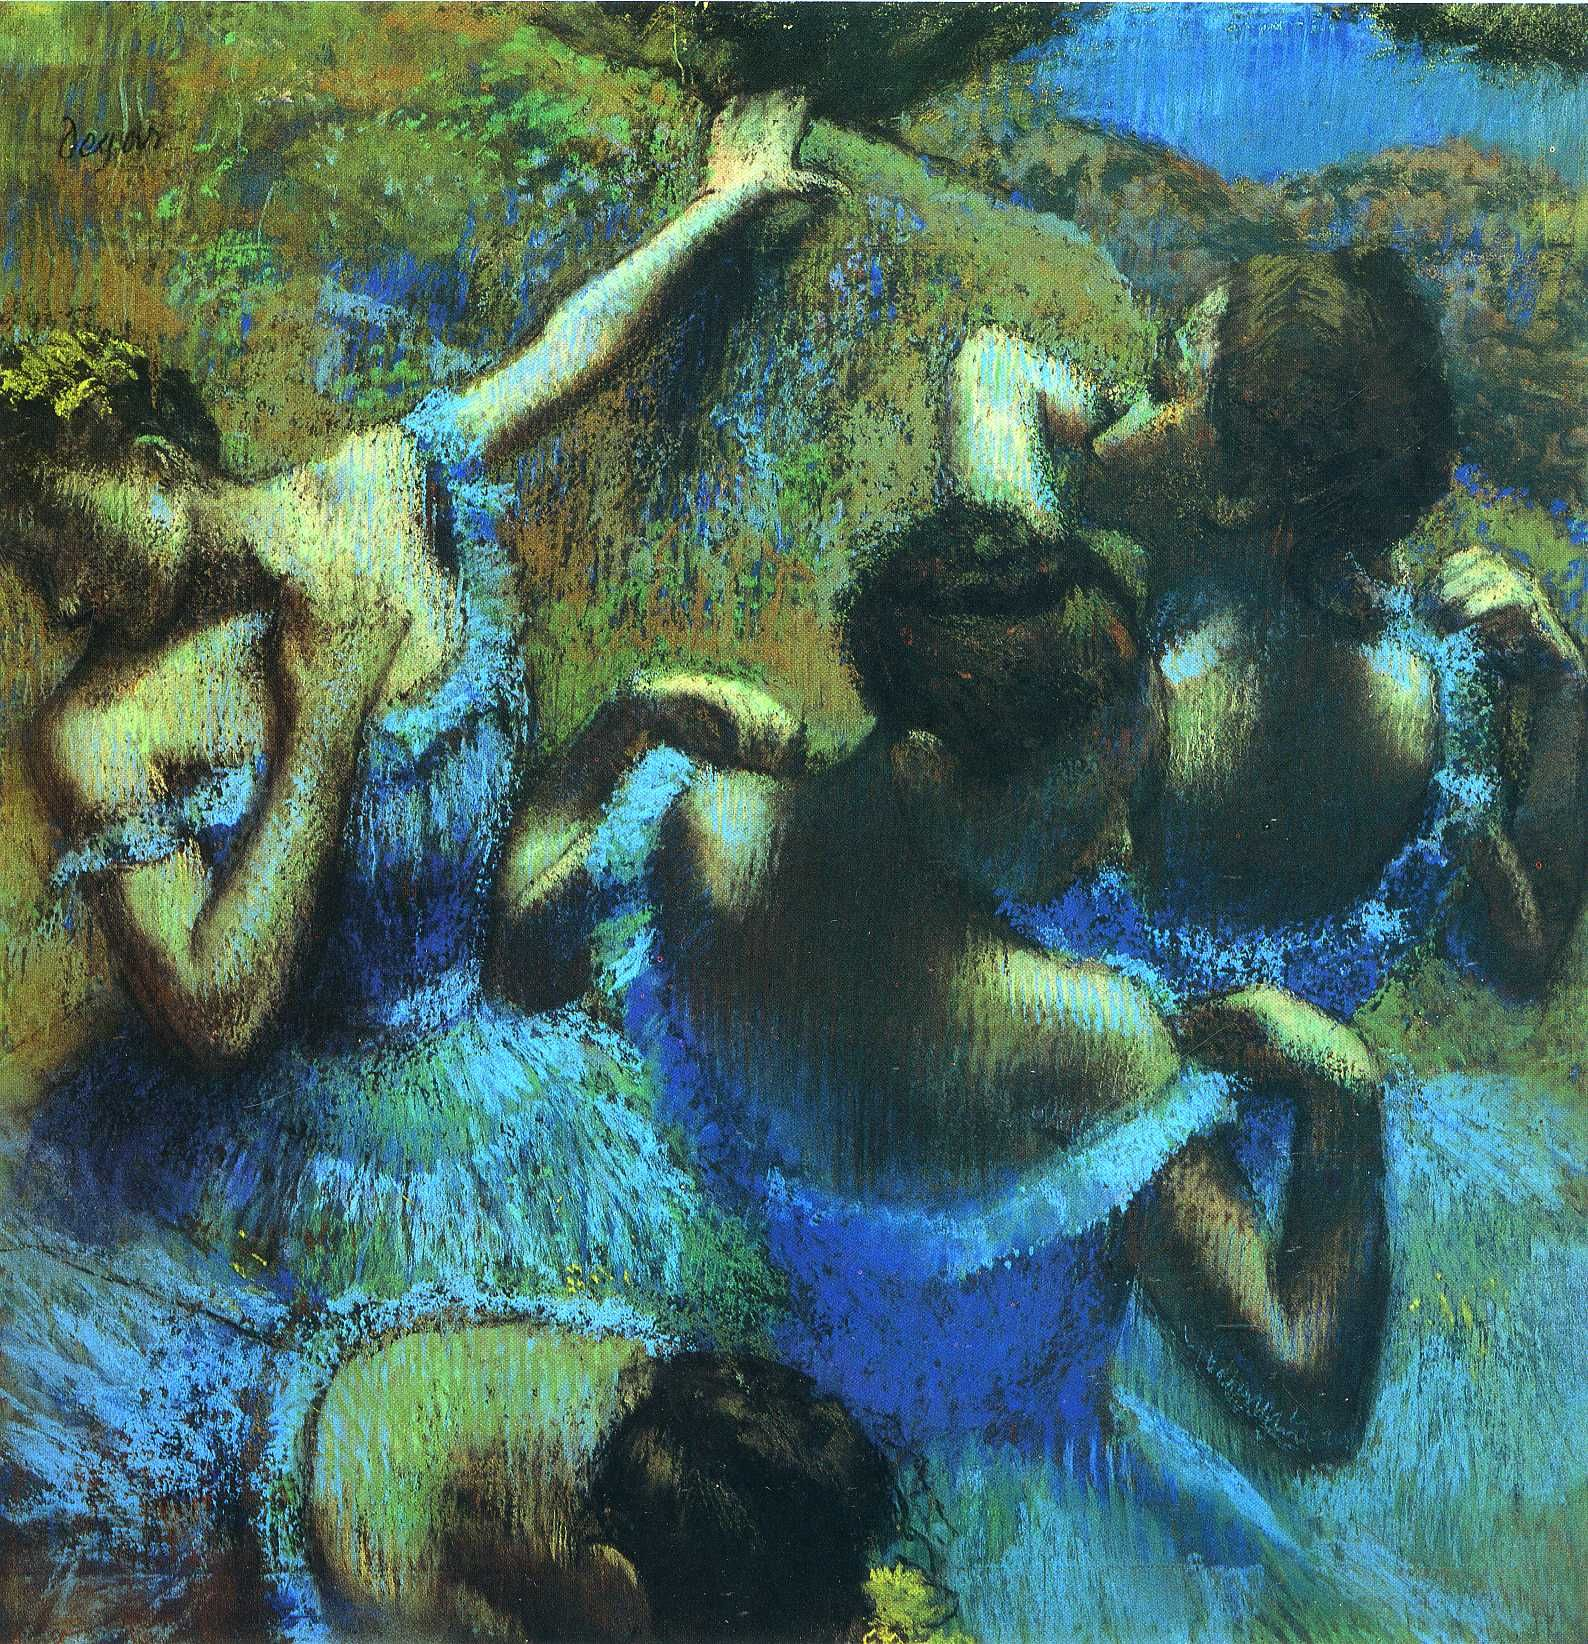 Las bailarinas de Edgar Degas. La danza en arte en movimiento.